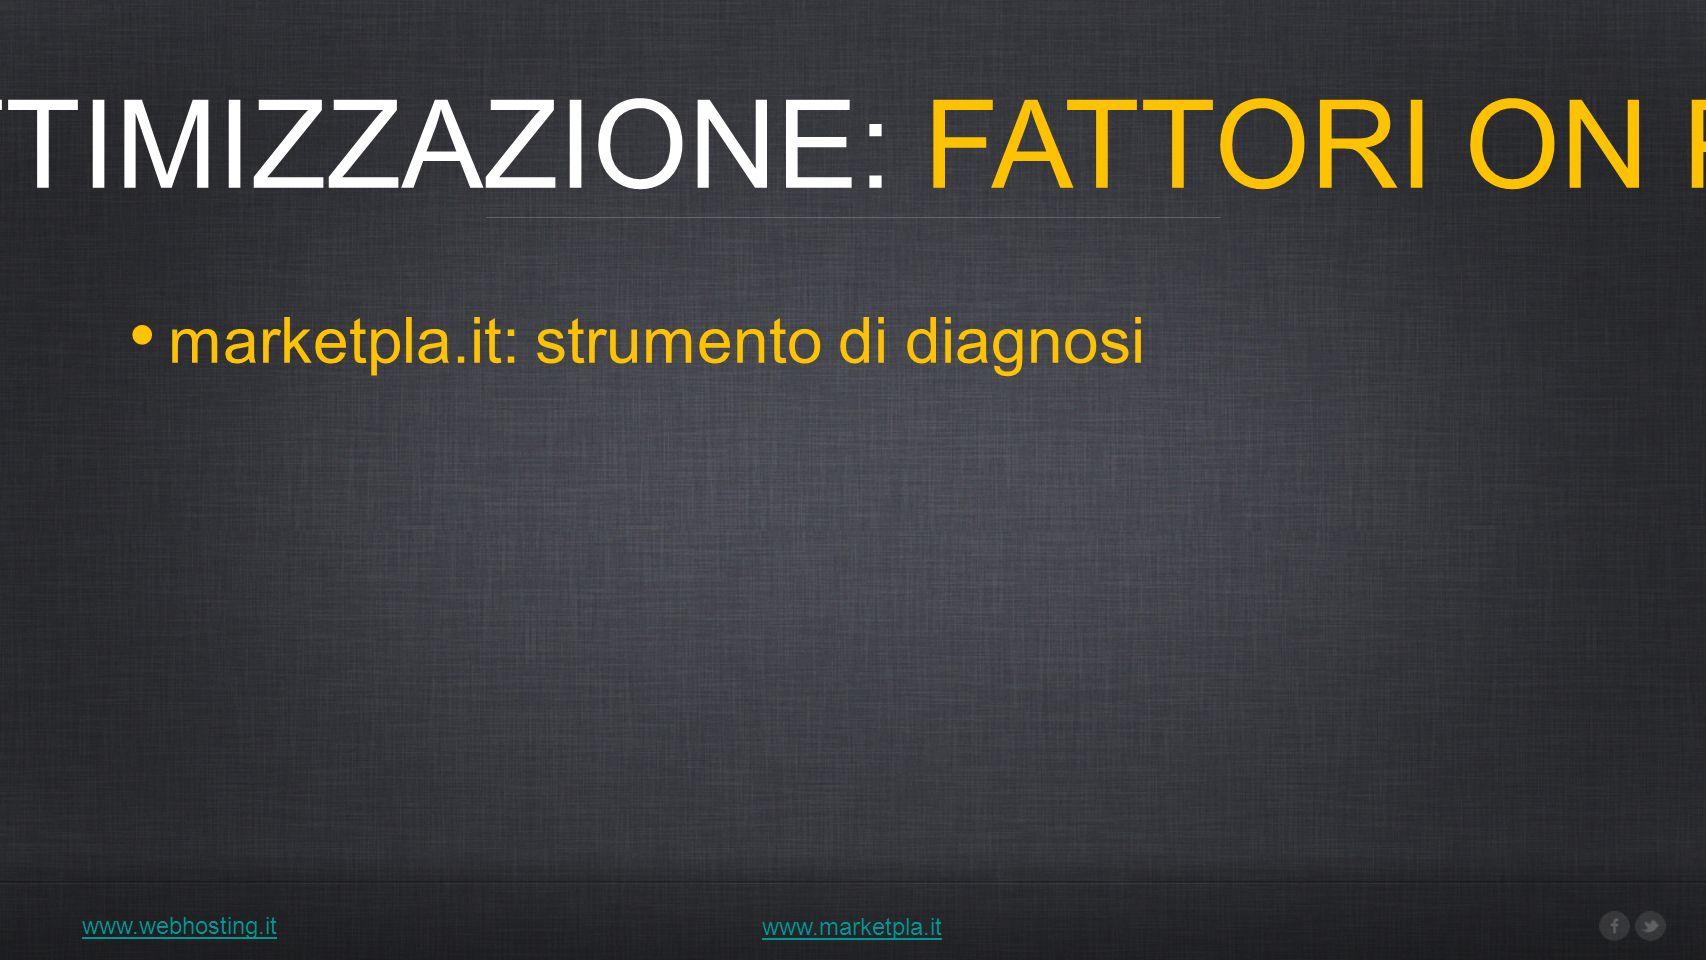 www.webhosting.it 1) OTTIMIZZAZIONE: FATTORI ON PAGE www.marketpla.it marketpla.it: strumento di diagnosi